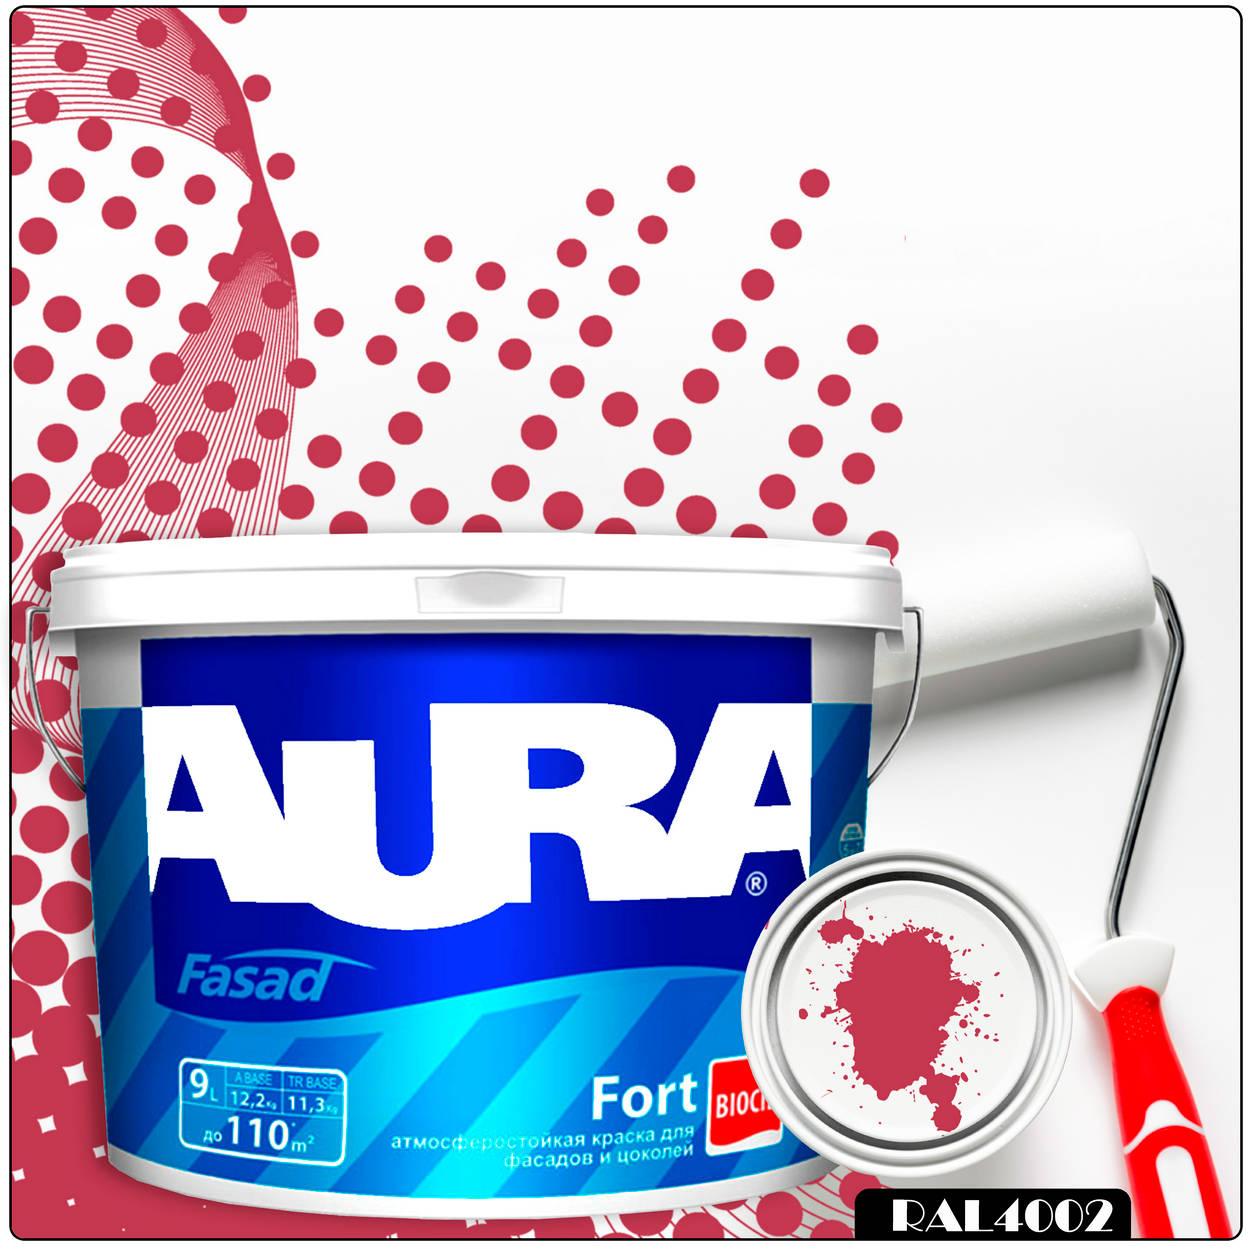 Фото 2 - Краска Aura Fasad Fort, RAL 4002 Красно-фиолетовый, латексная, матовая, для фасада и цоколей, 9л, Аура.